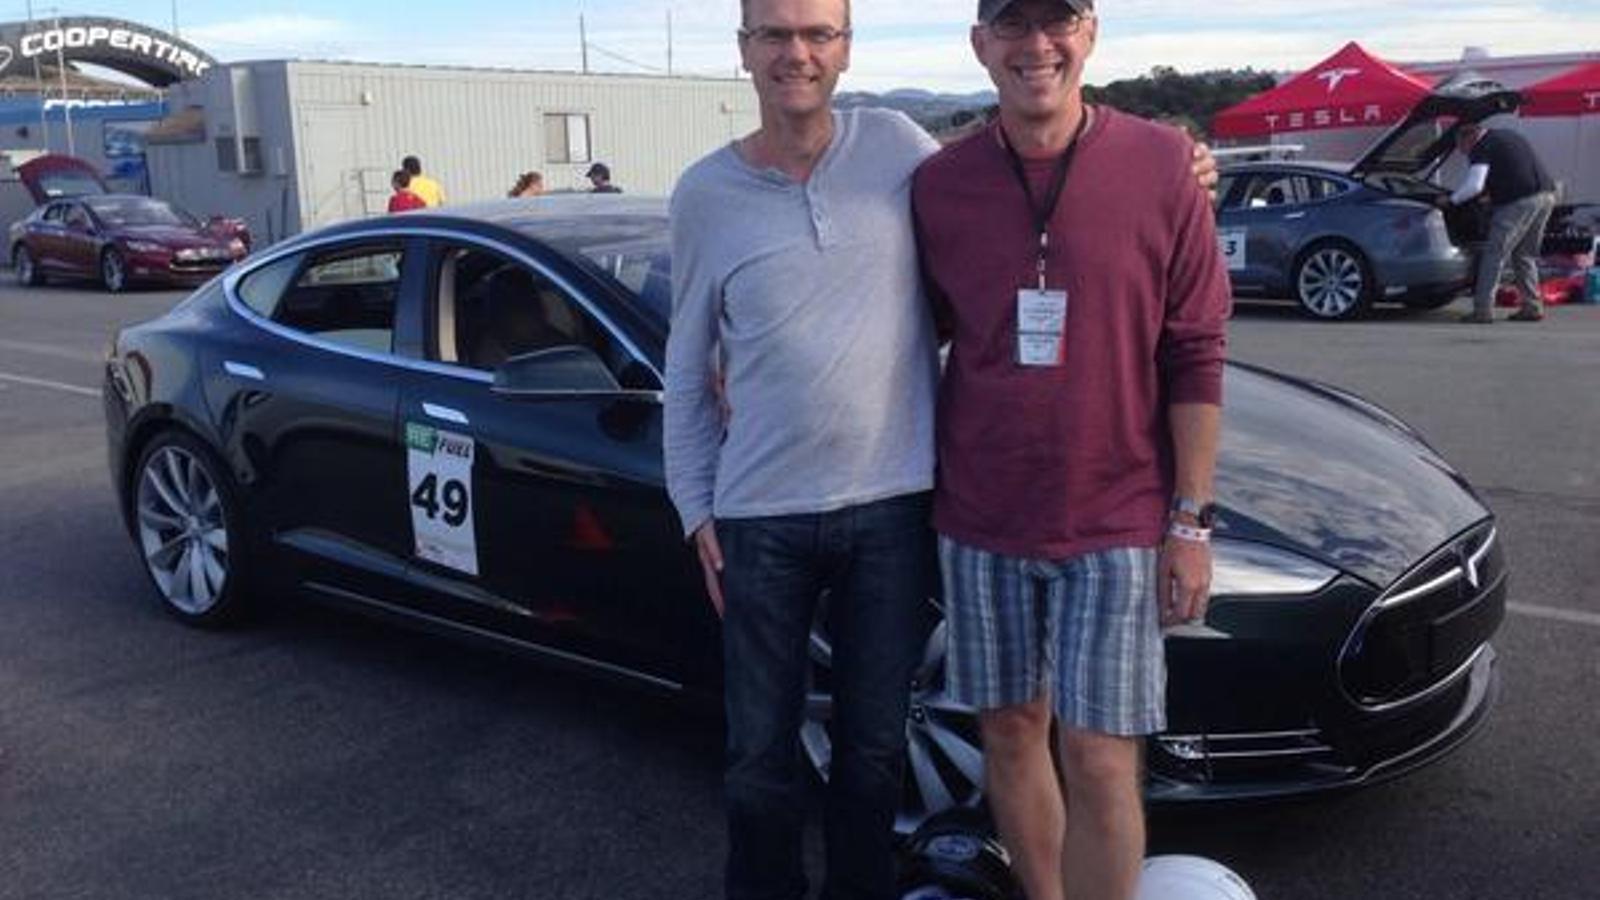 Chris Porritt, davant d'un Tesla Model S, quan era vicepresident del fabricant de cotxes. / TESLA